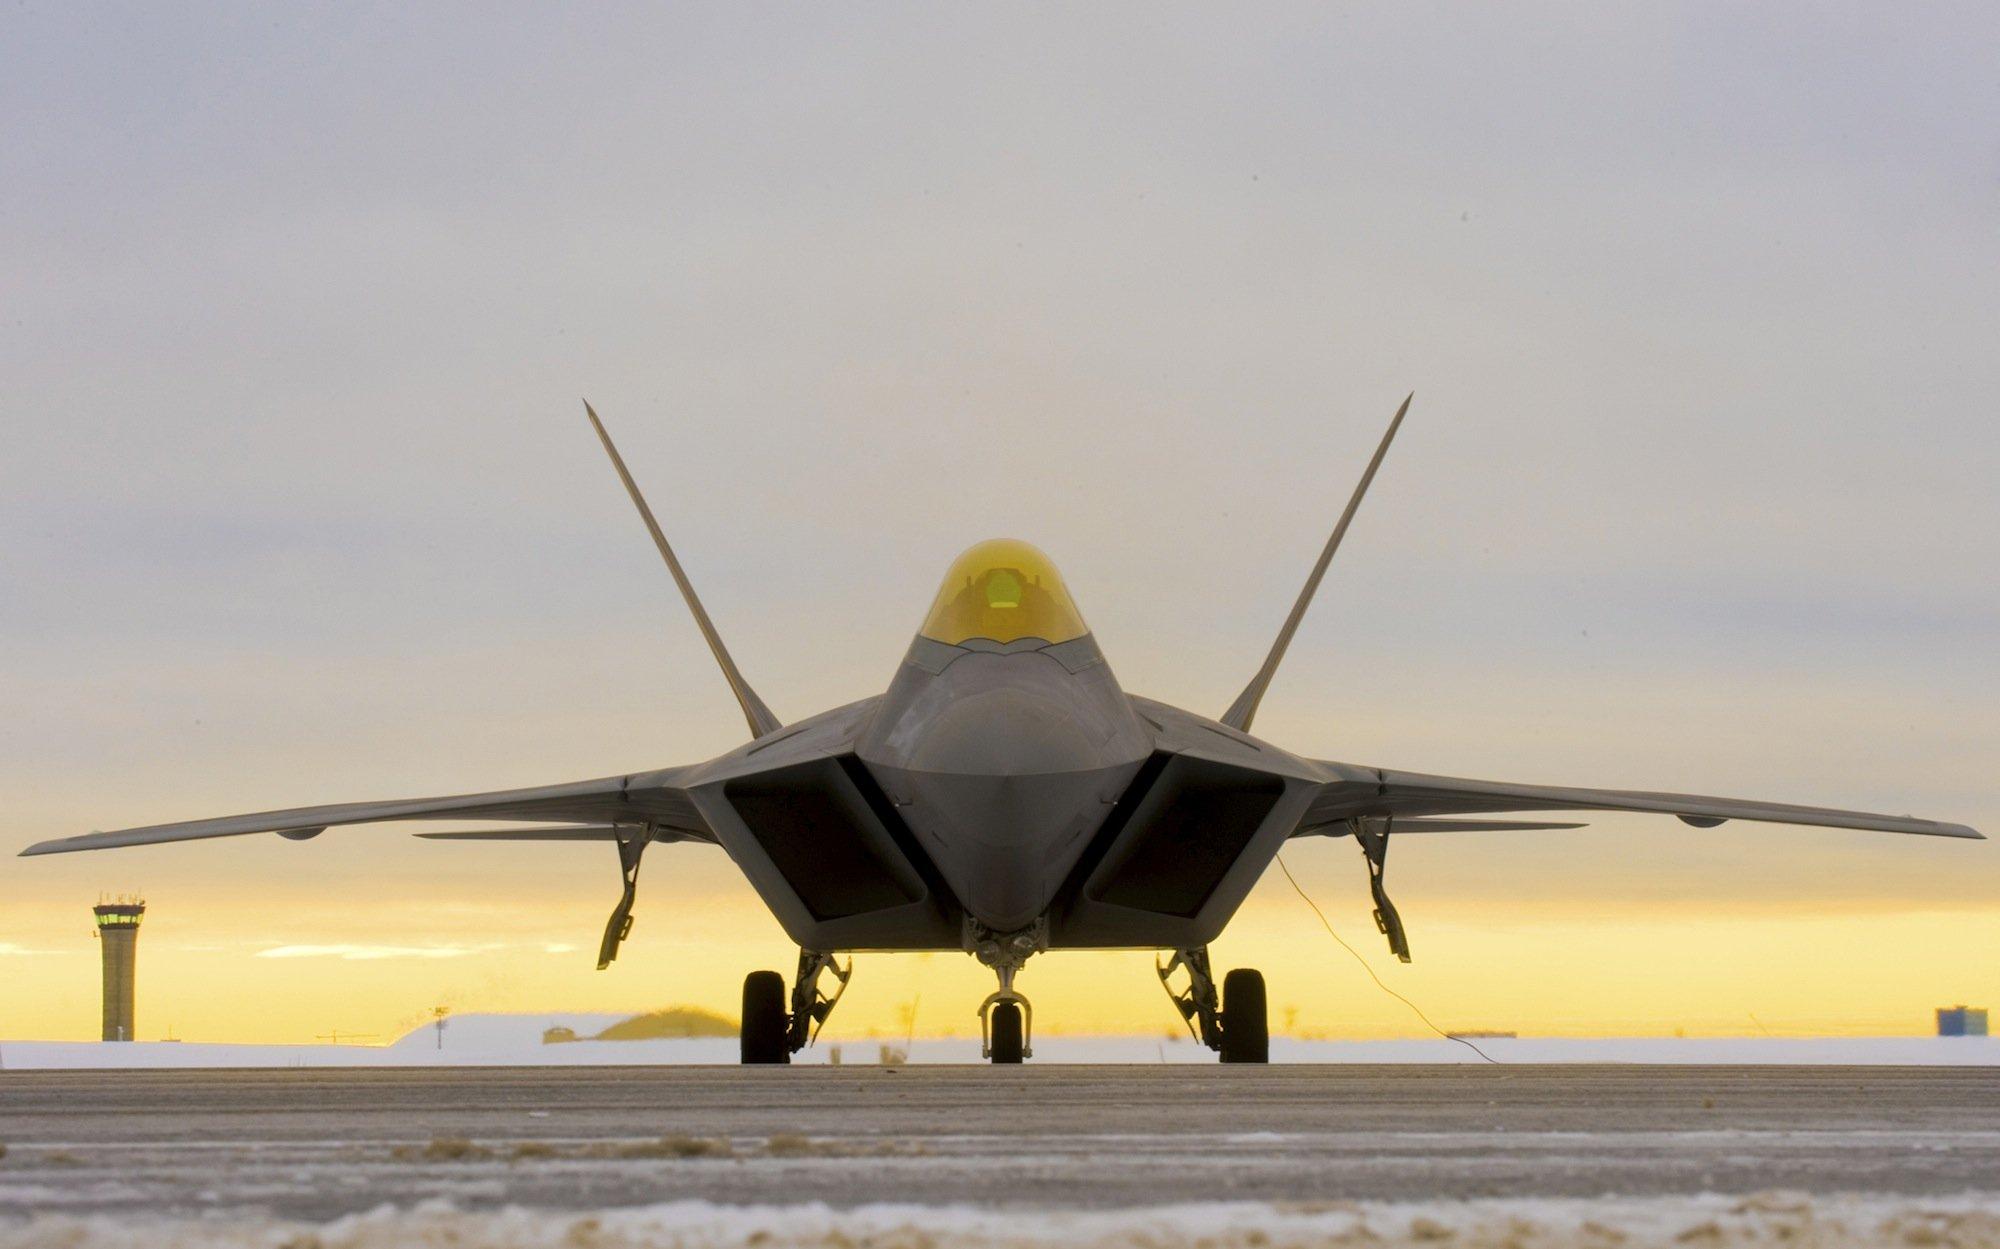 Das Kampfjet F-22 Raptor auf einer Airbase in Alaska: Entwicklung und Produktion von knapp 200 Flugzeugen haben 77 Milliarden Dollar gekostet. Die Produktion ist inzwischen eingestellt.